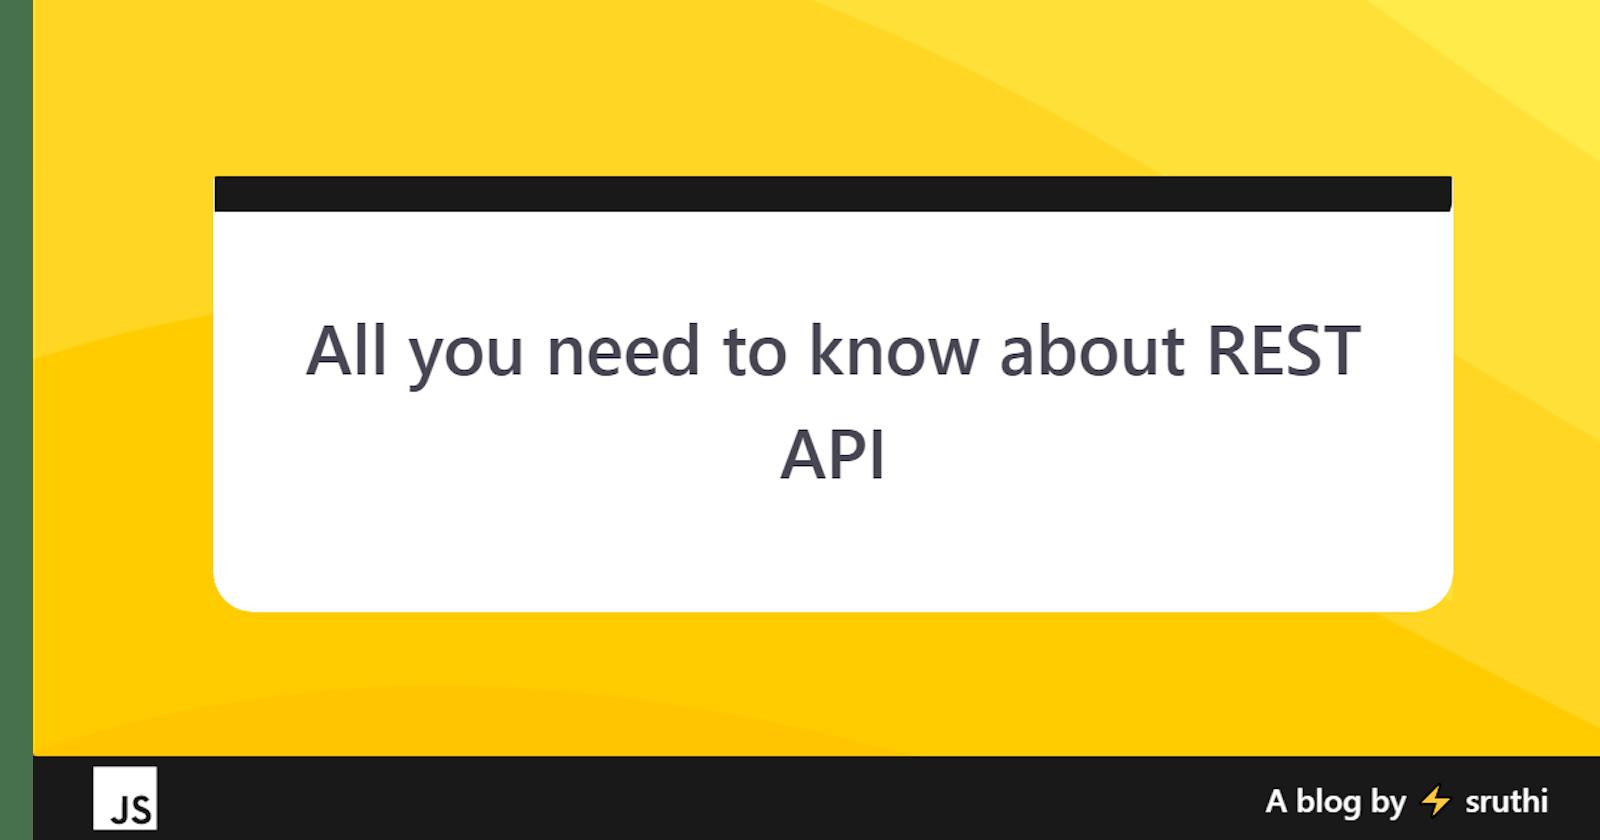 Rest API - A Brief